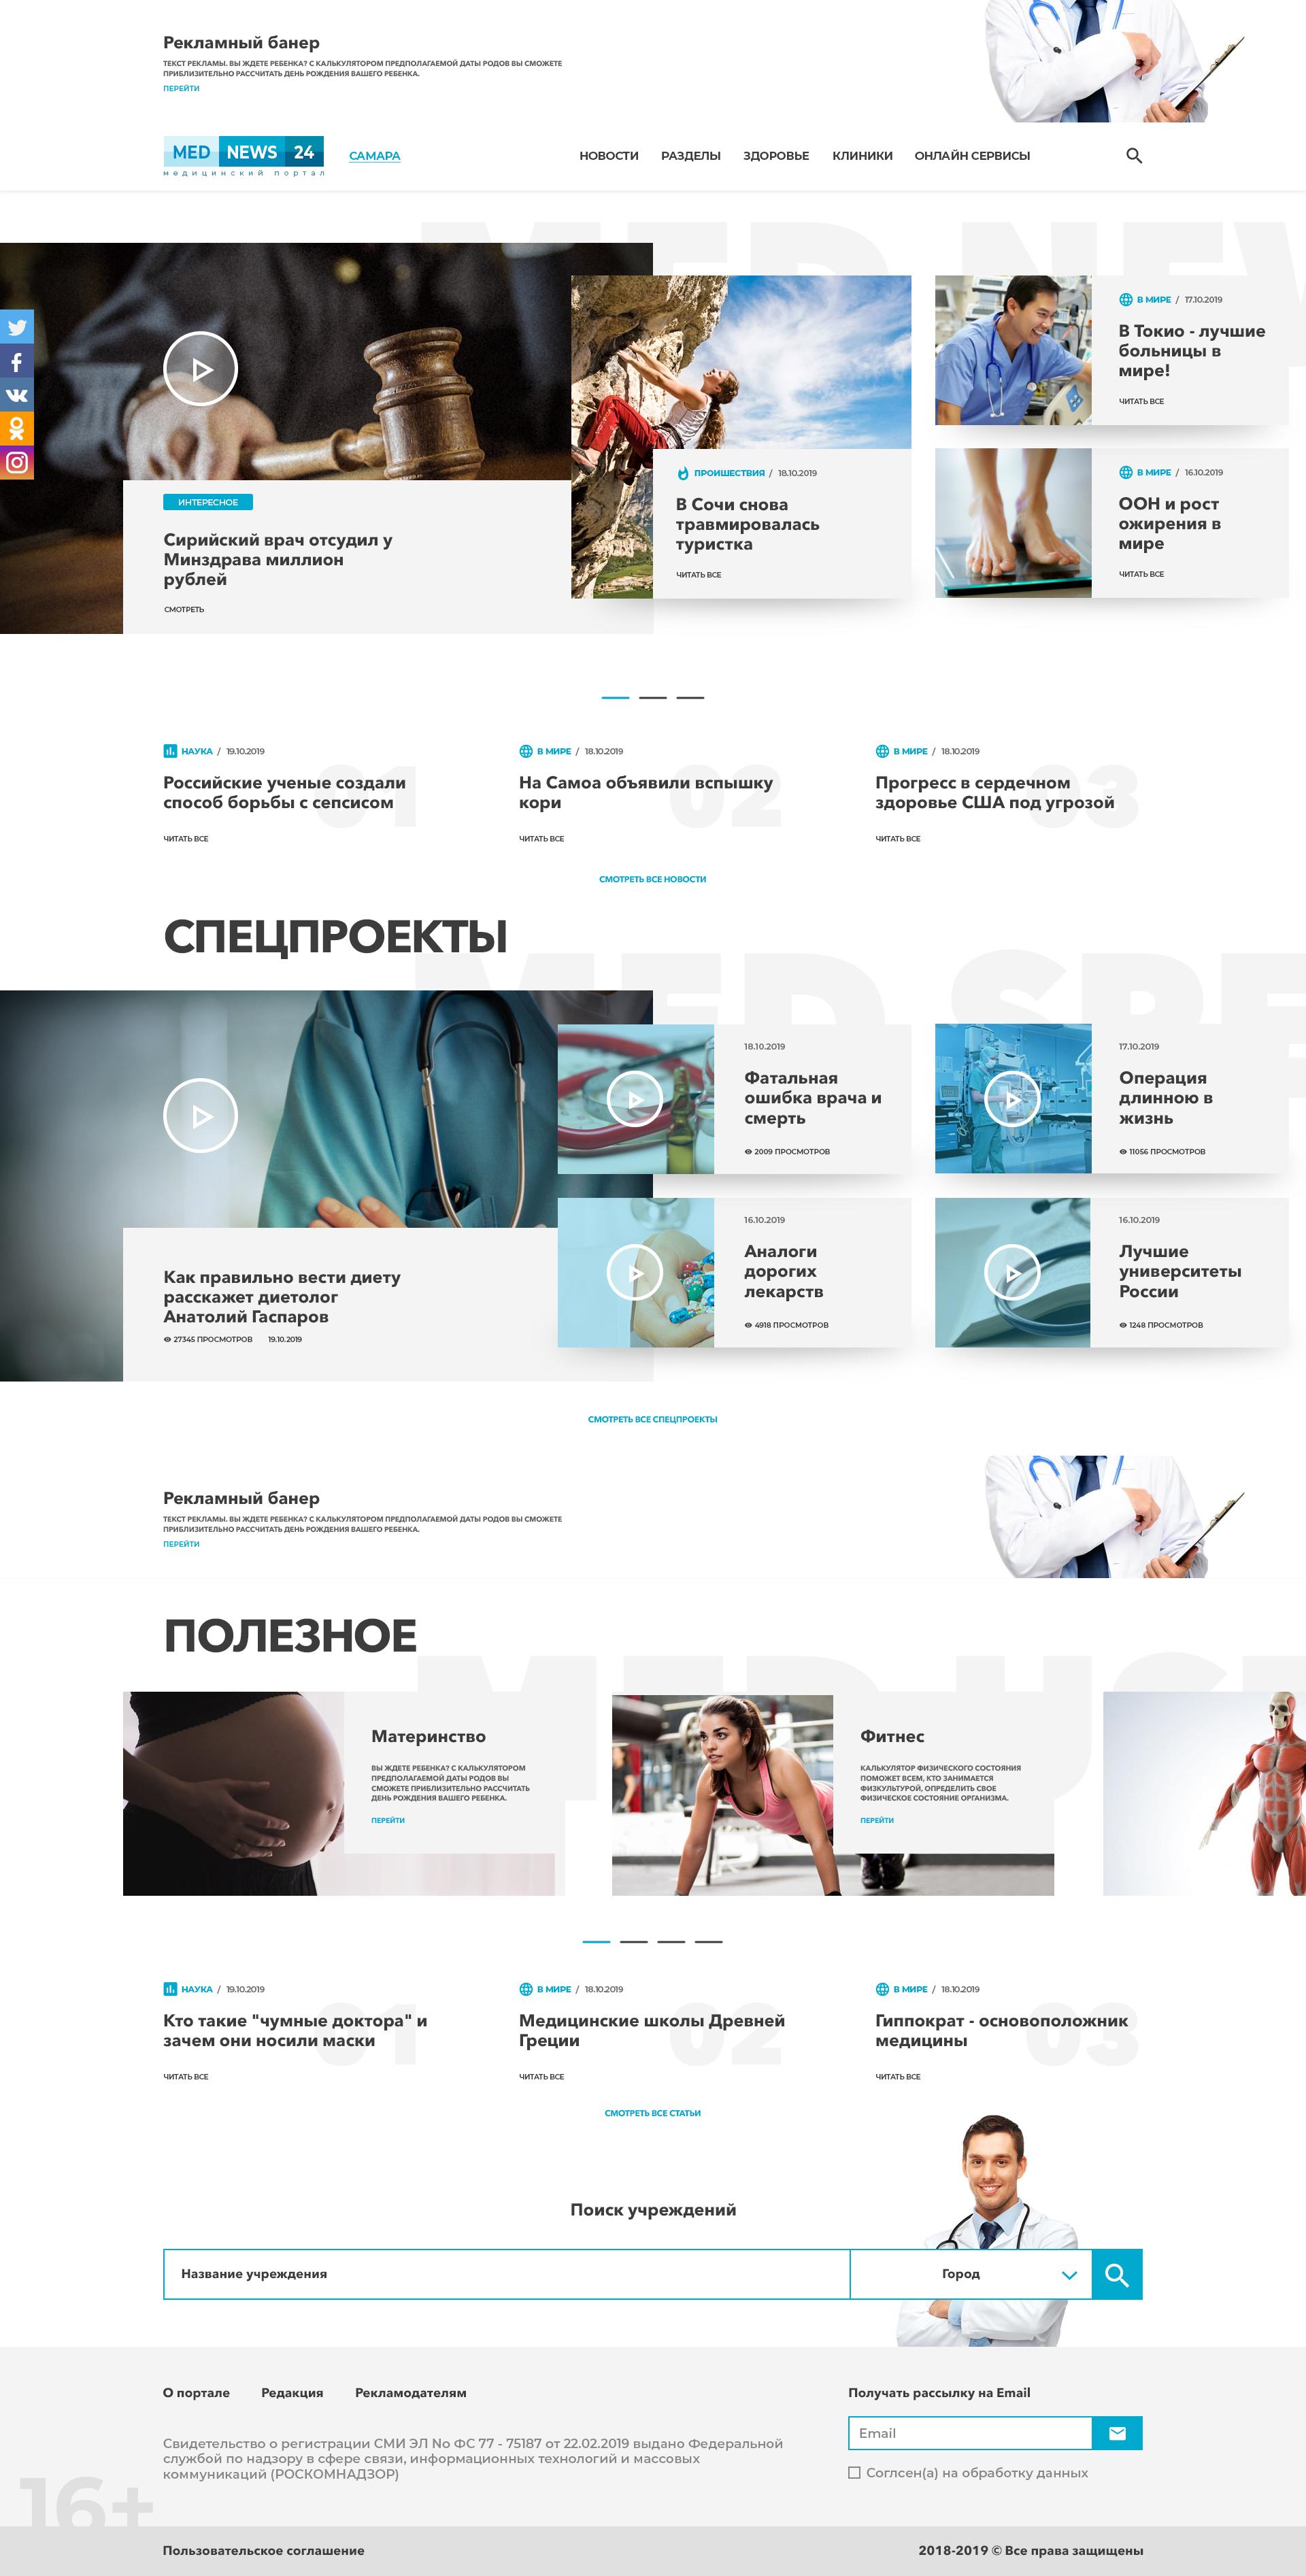 Редизайн главной страницы портала mednews24.ru фото f_5765daa502d8f200.jpg